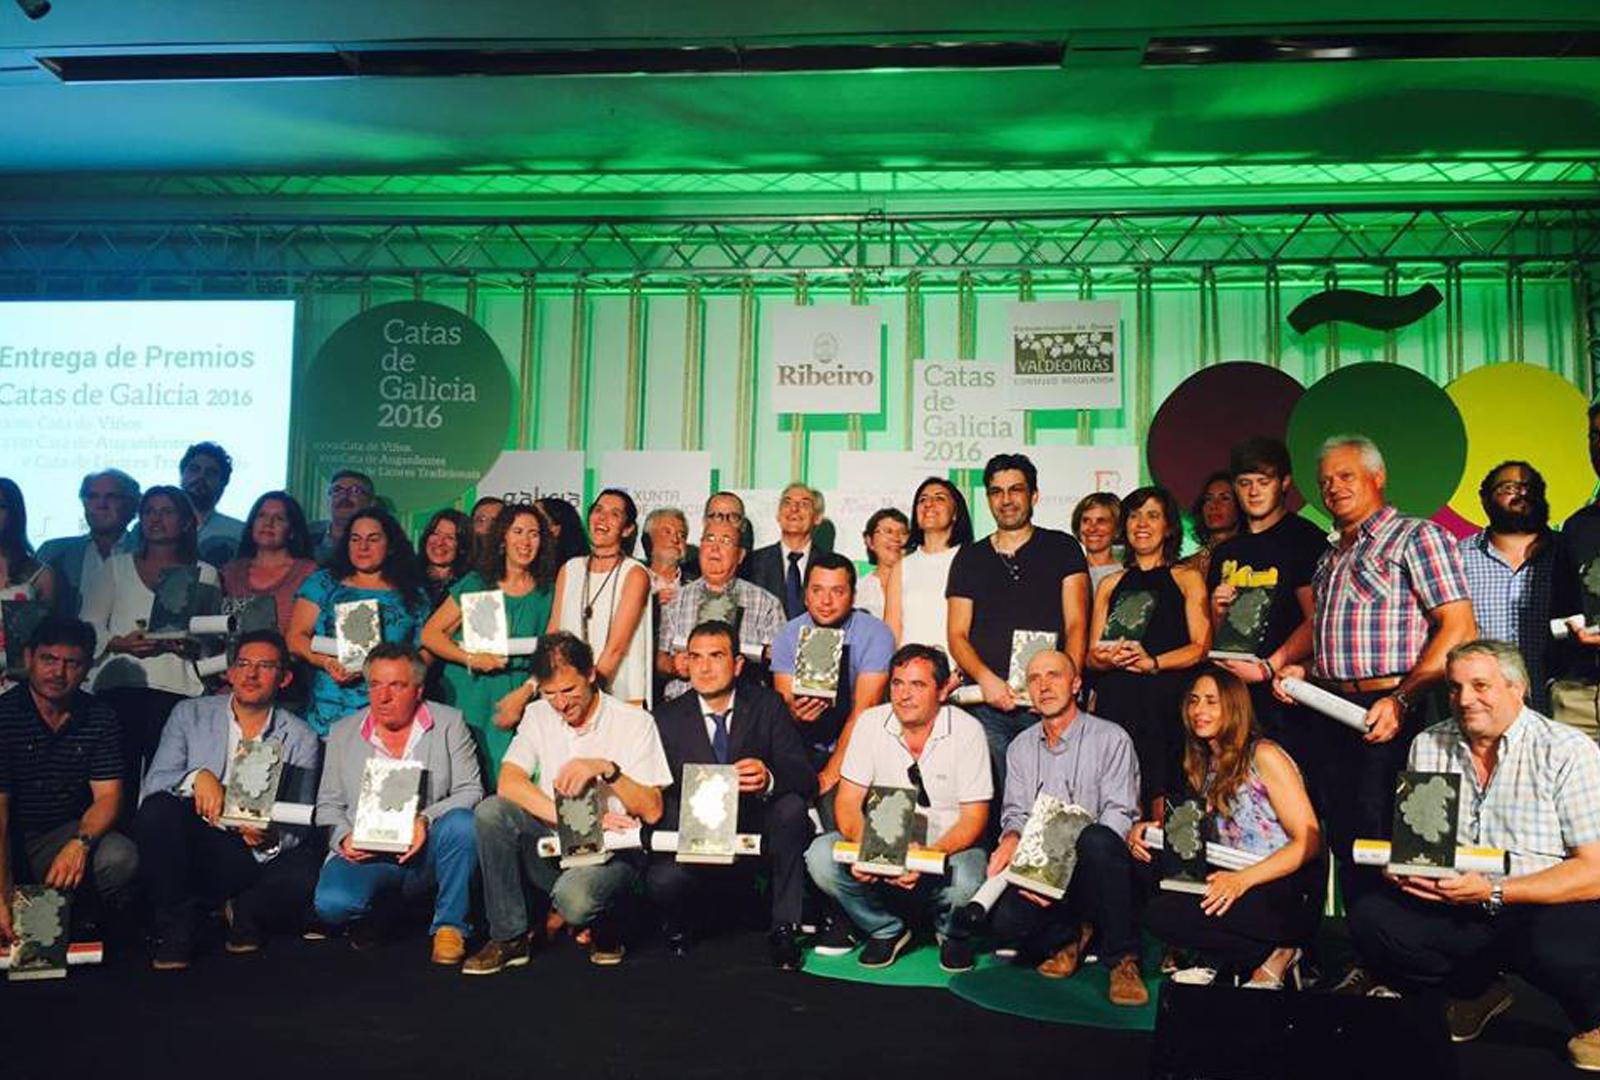 Premios Cata de Viños de Galicia.